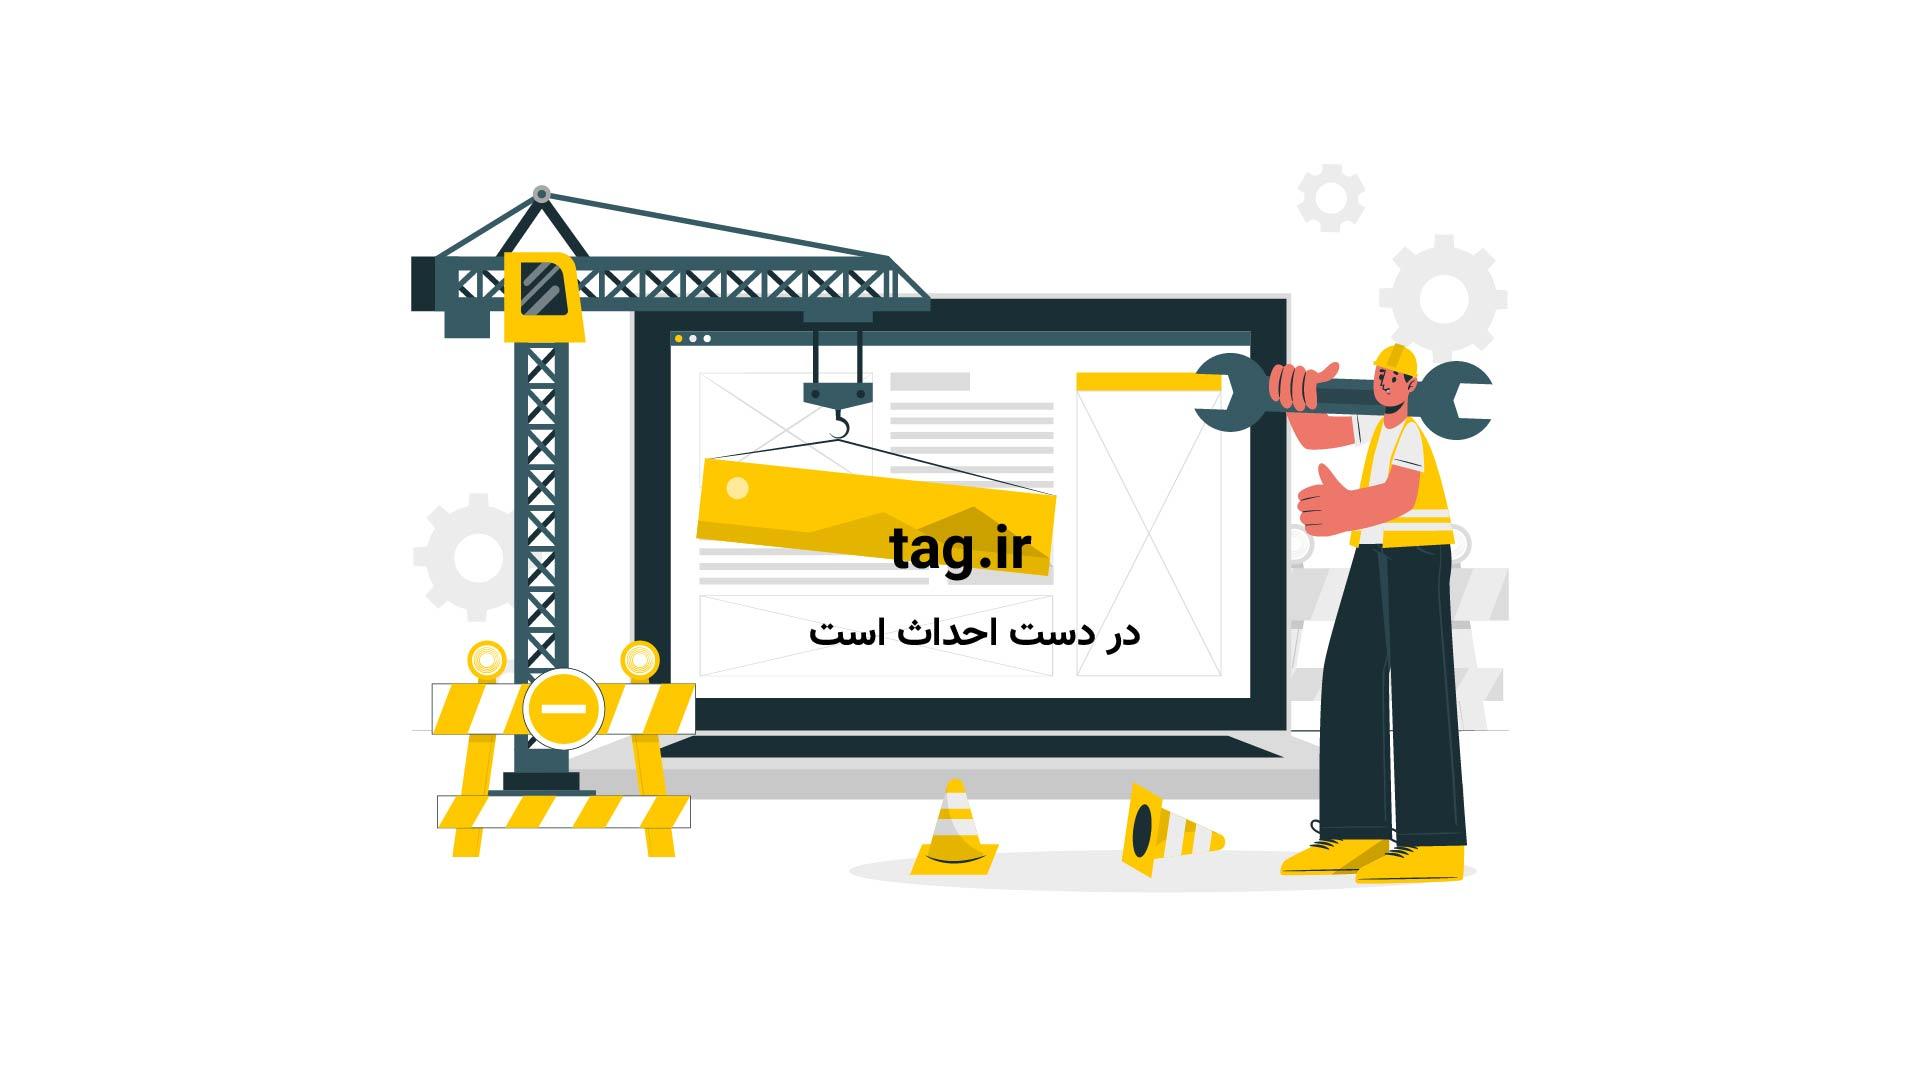 ۱۸ کشته و ۴۵ زخمی در حمله انتحاری به دادگاه عالی افغانستان   فیلم